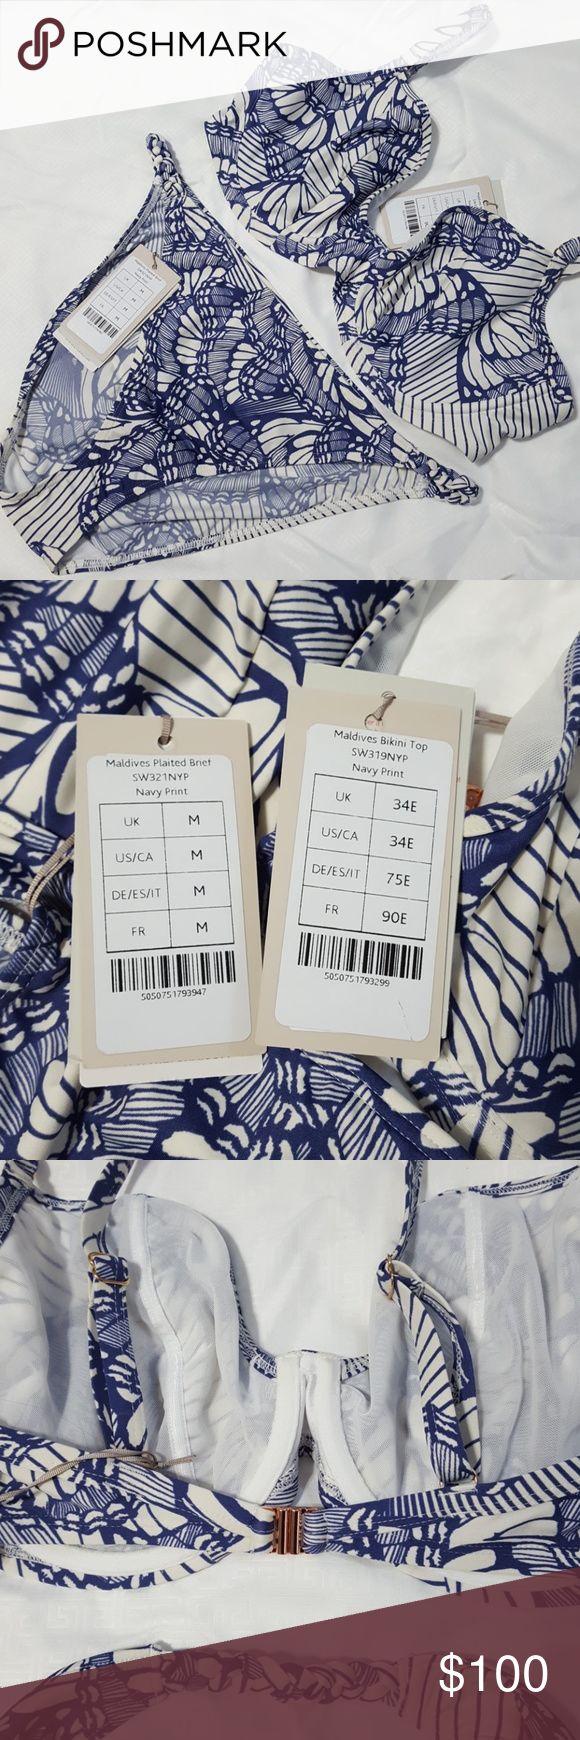 I just added this listing on Poshmark: NWT Bravissimo Maldives Bikini. #shopmycloset #poshmark #fashion #shopping #style #forsale #Bravissimo #Other